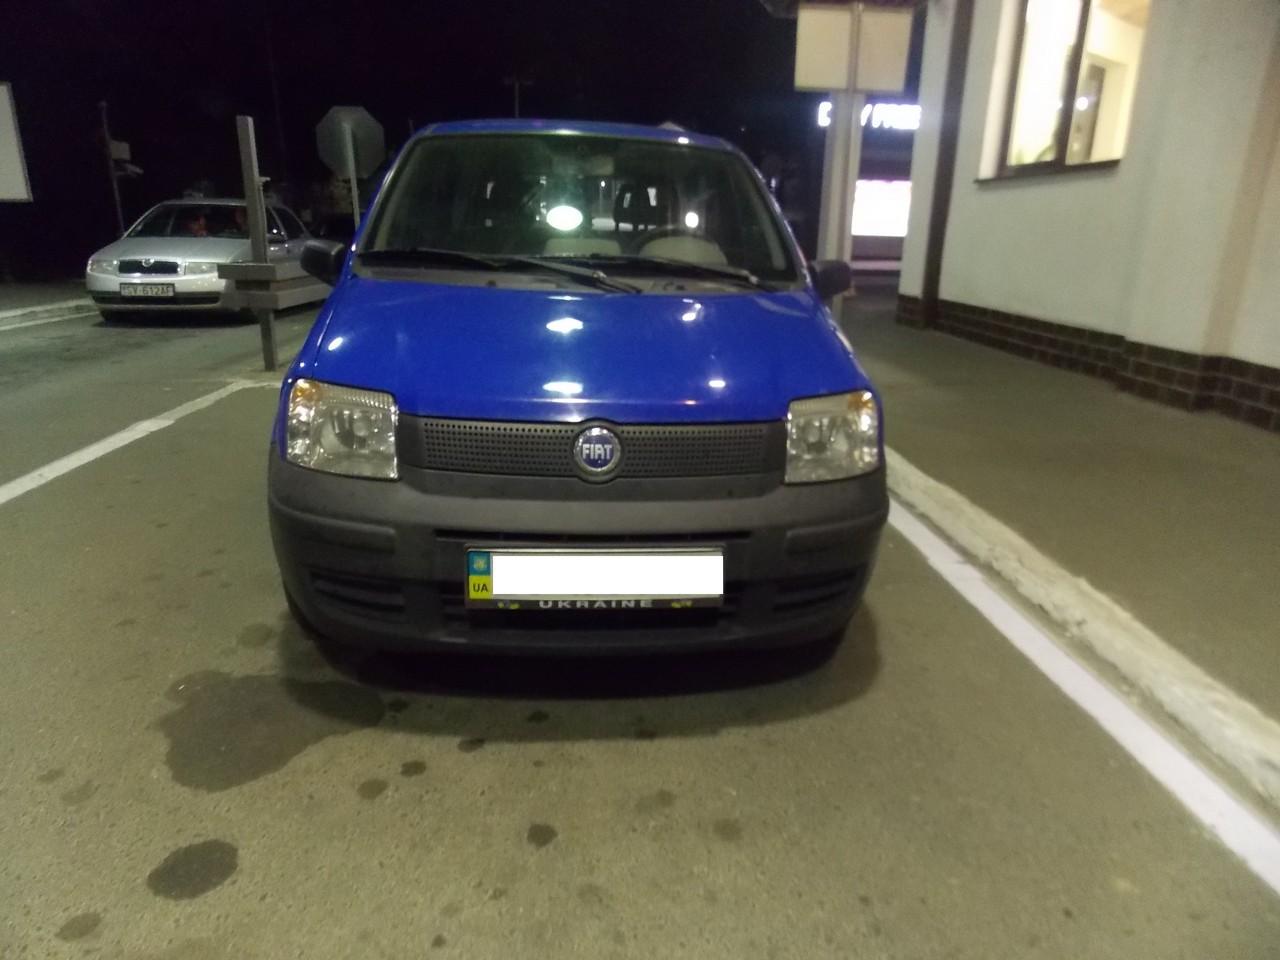 Викрадений Fiat затримали на українсько-словацькому кордоні. Спрацювала база даних Інтерпол